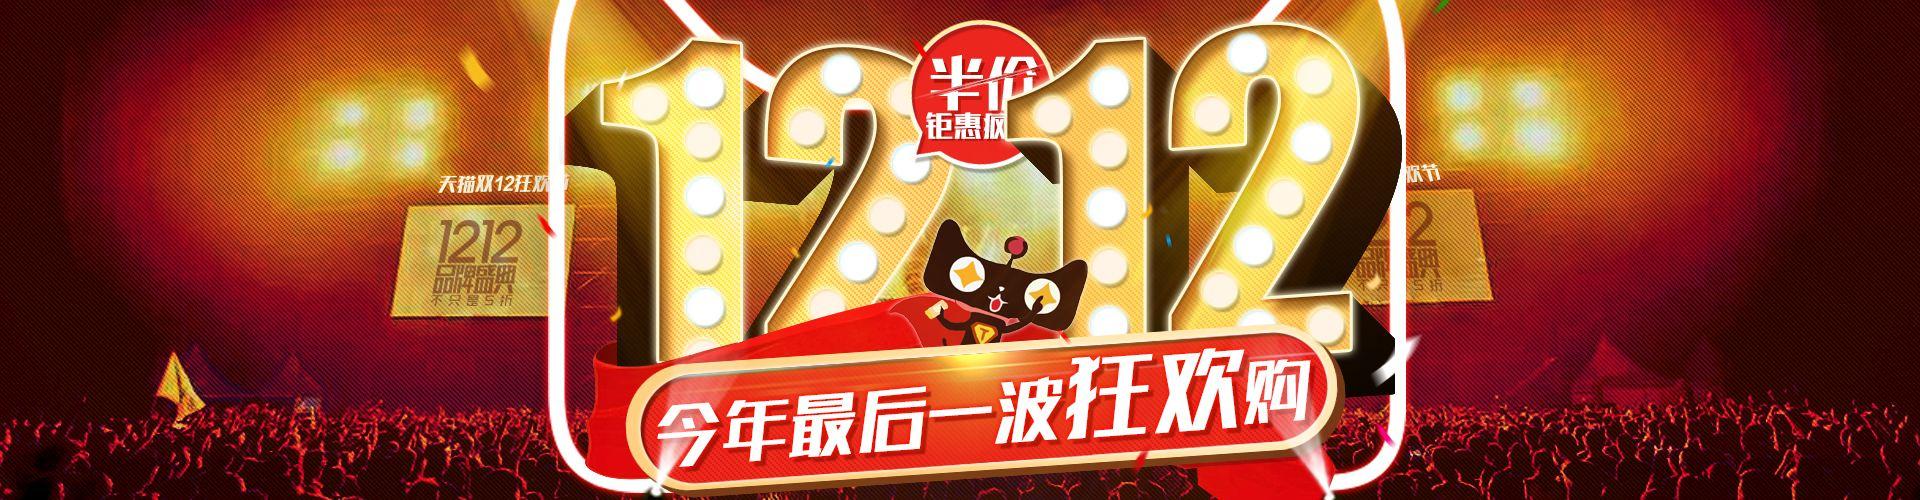 双十二来了!中国艺考网书店艺考必备图书双十二大促